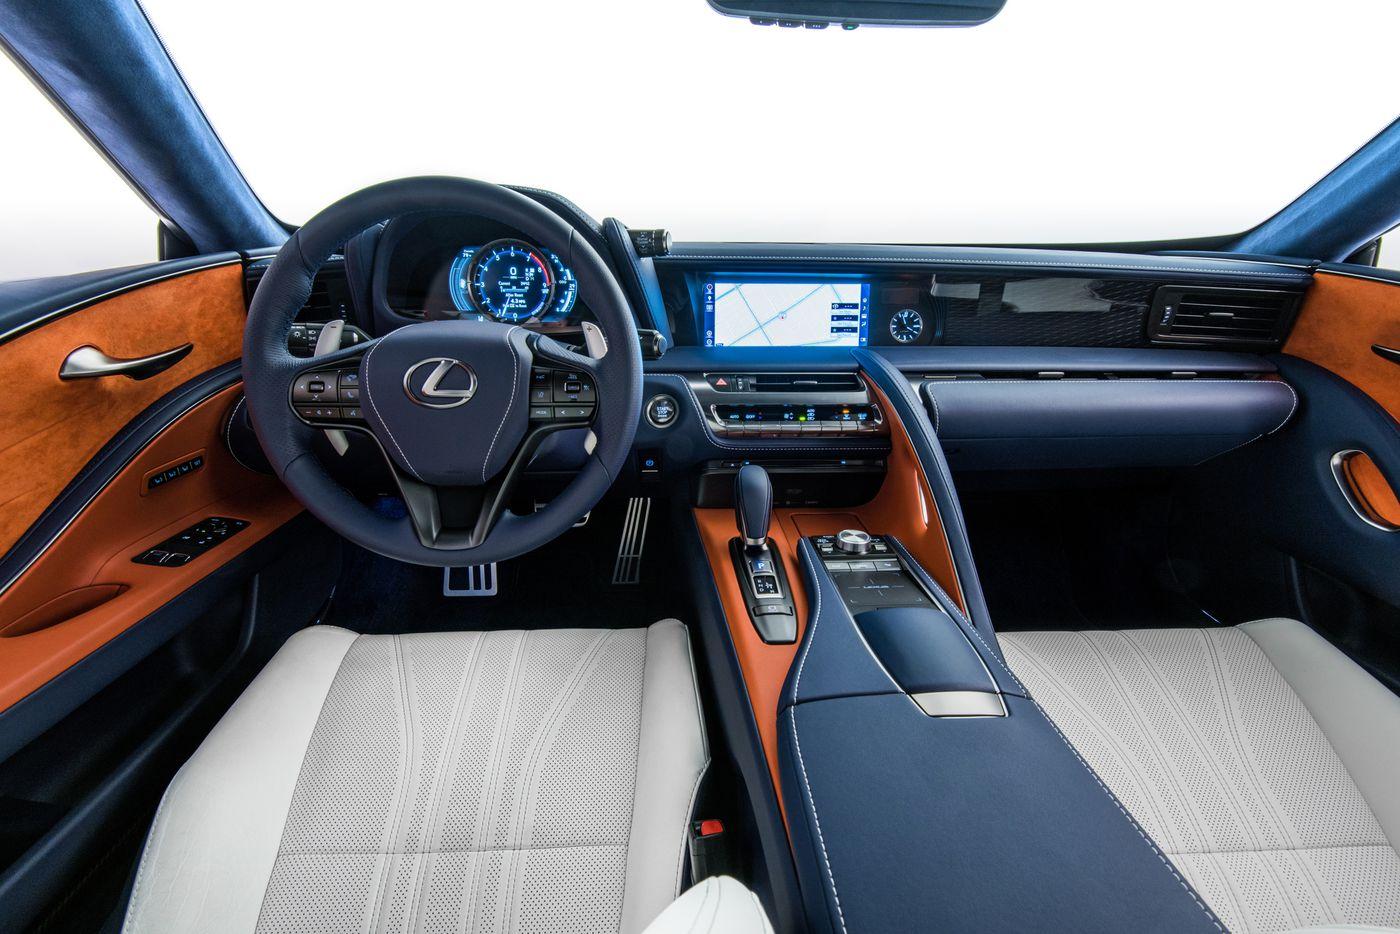 The 2018 Lexus Lc500